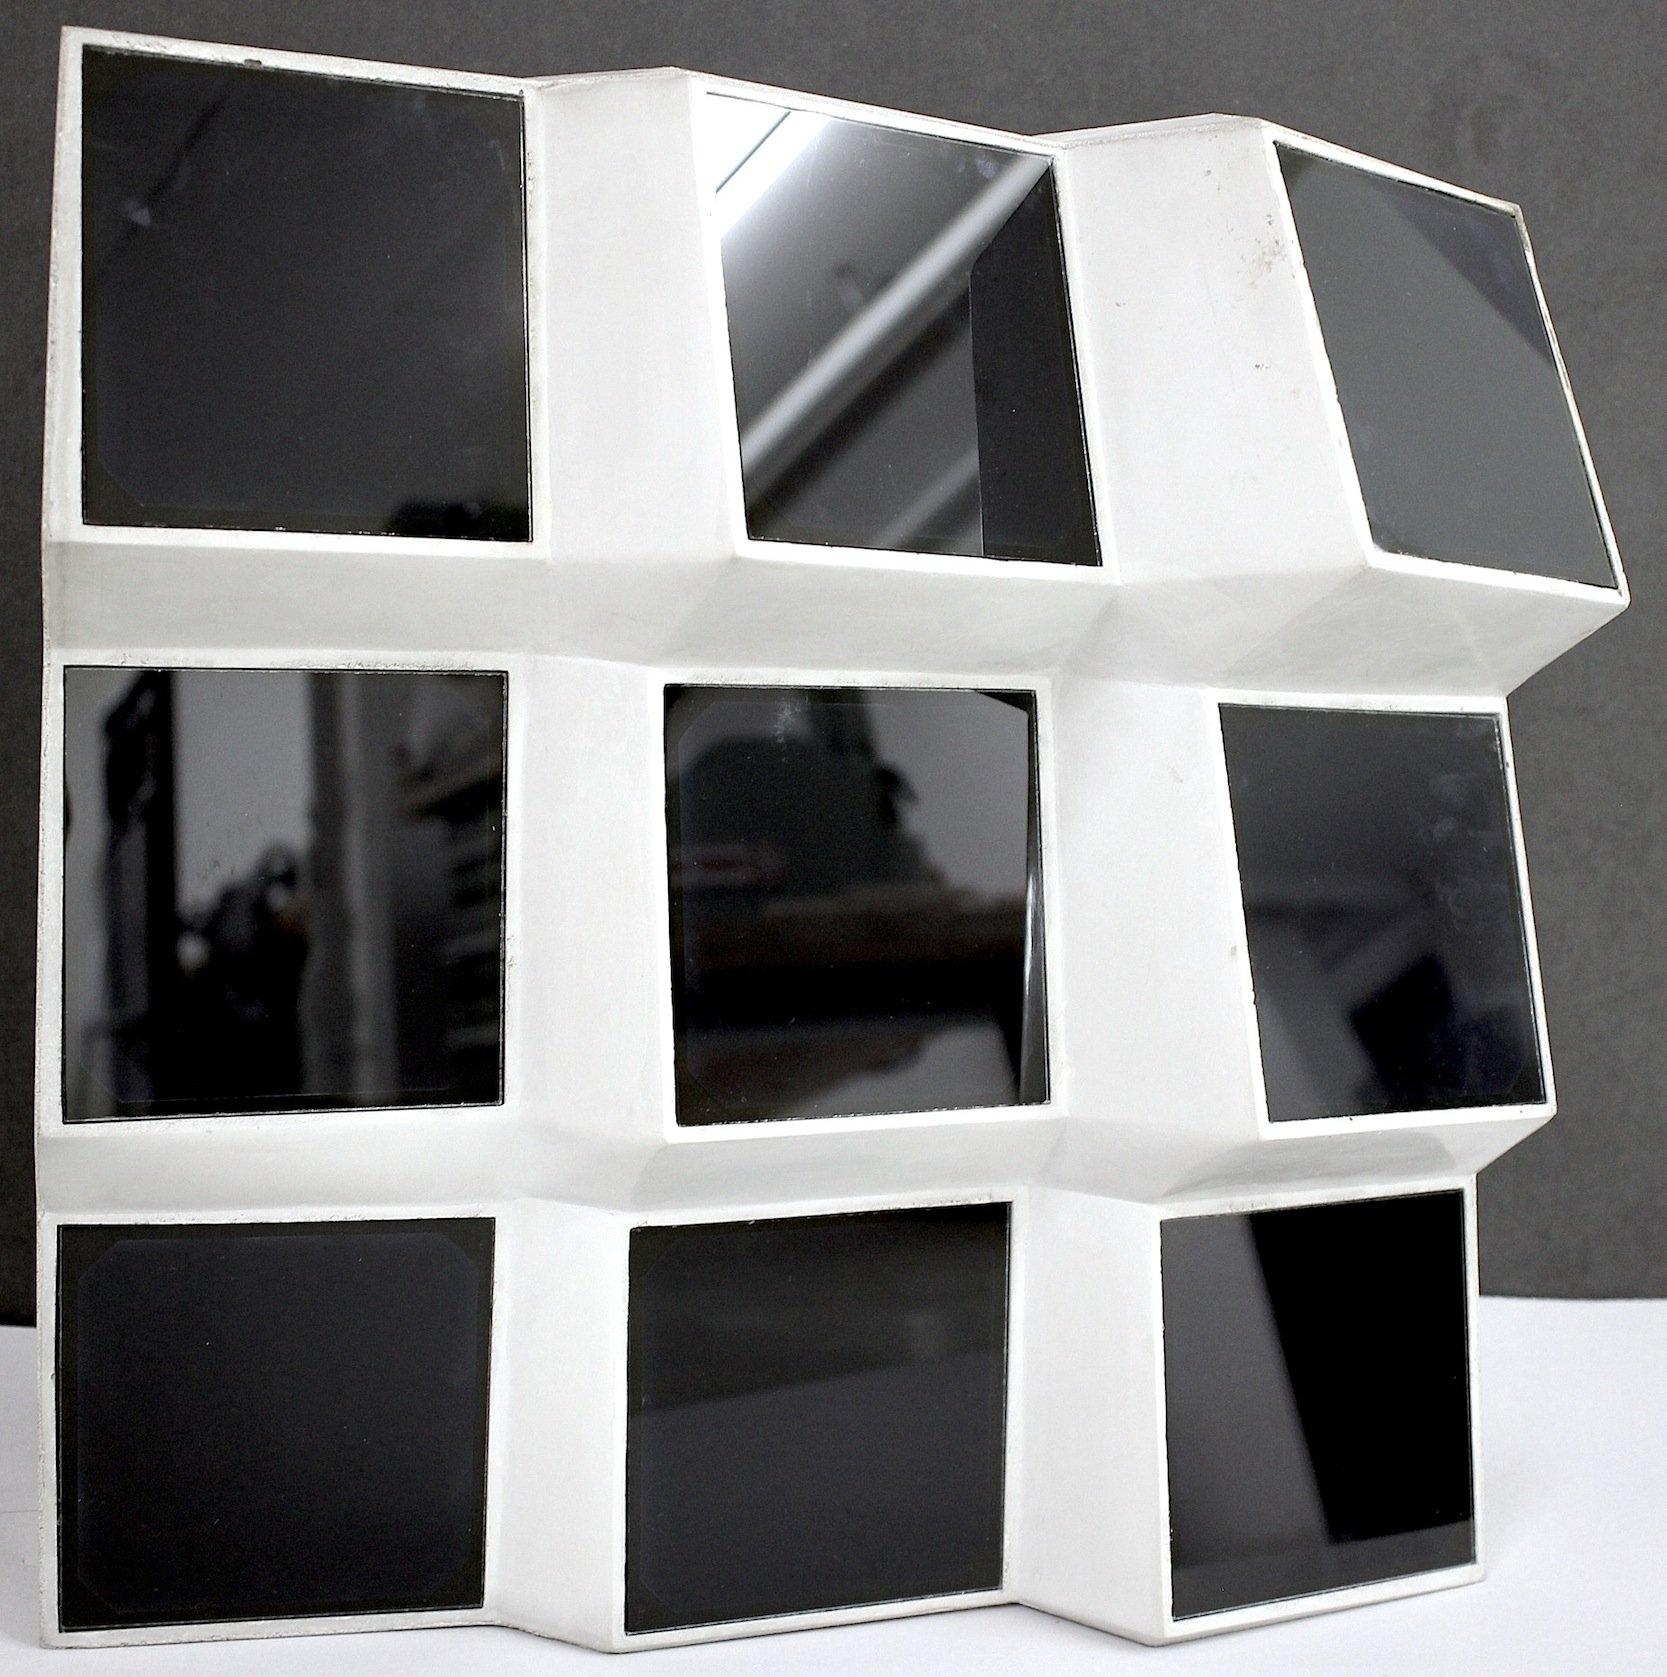 Forscher arbeiten derzeit daran, in Hausfassaden aus Karbonbeton Solarmodule zu integrieren. Die im Bild gezeigte Facetten-Optik macht einen deutlich höheren Stromertrag möglich als herkömmliche Fassaden.